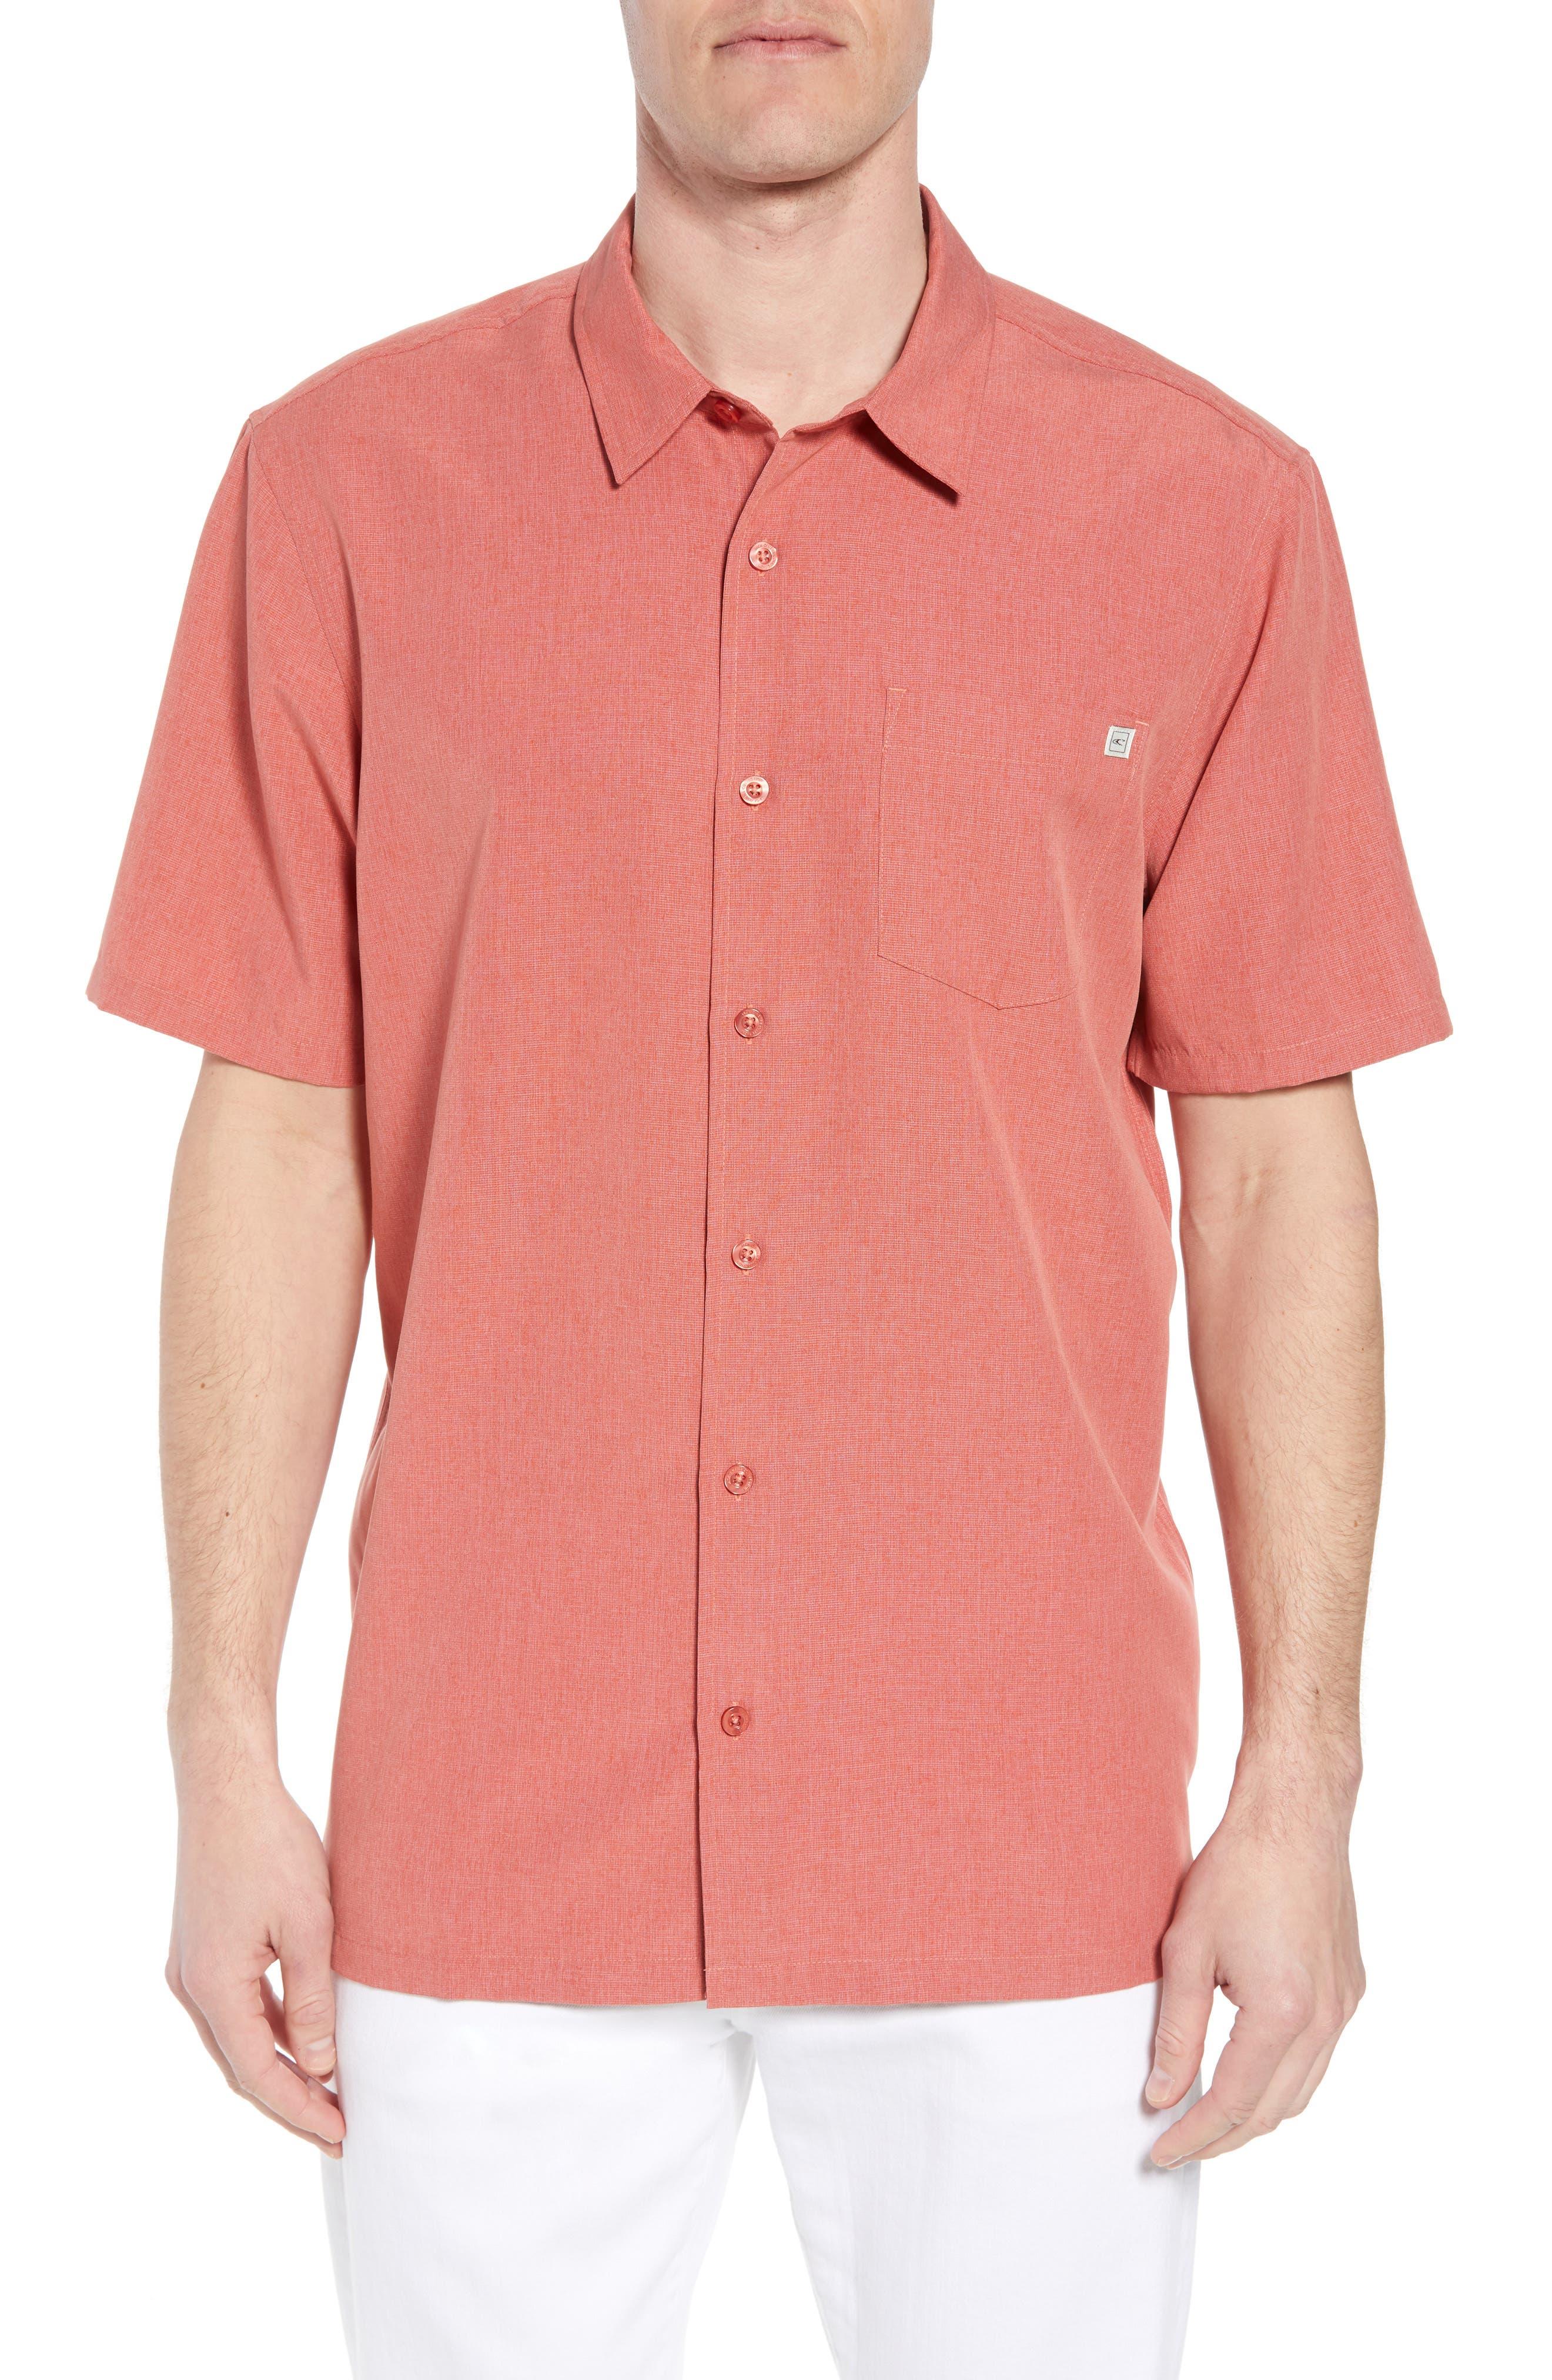 Liberty Sport Shirt,                         Main,                         color,